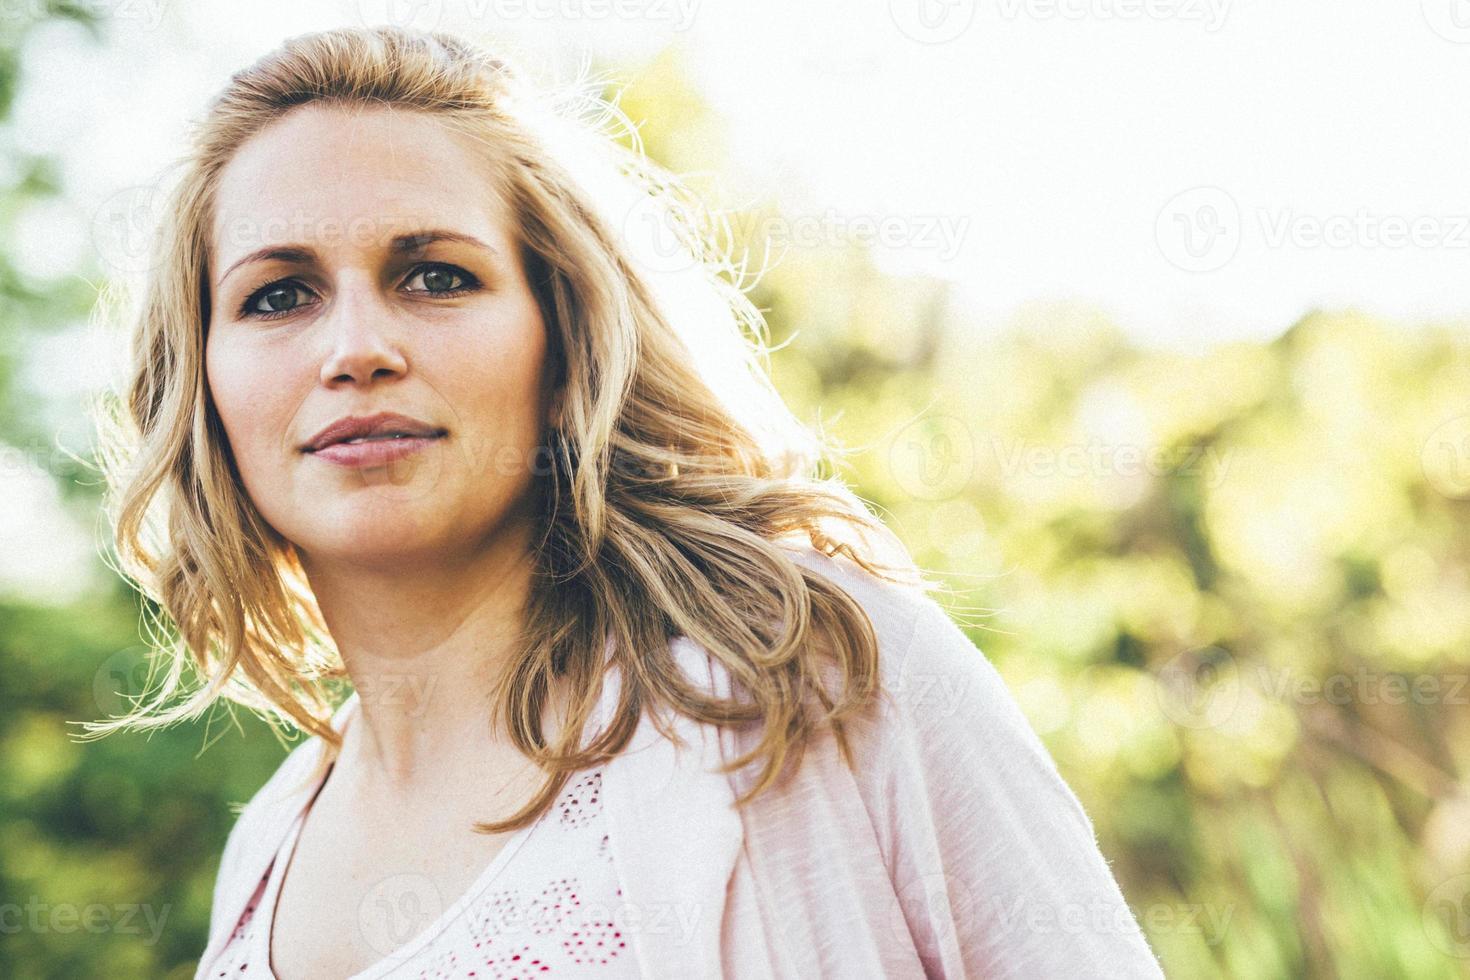 bella giovane donna che sorride all'aperto durante l'estate foto